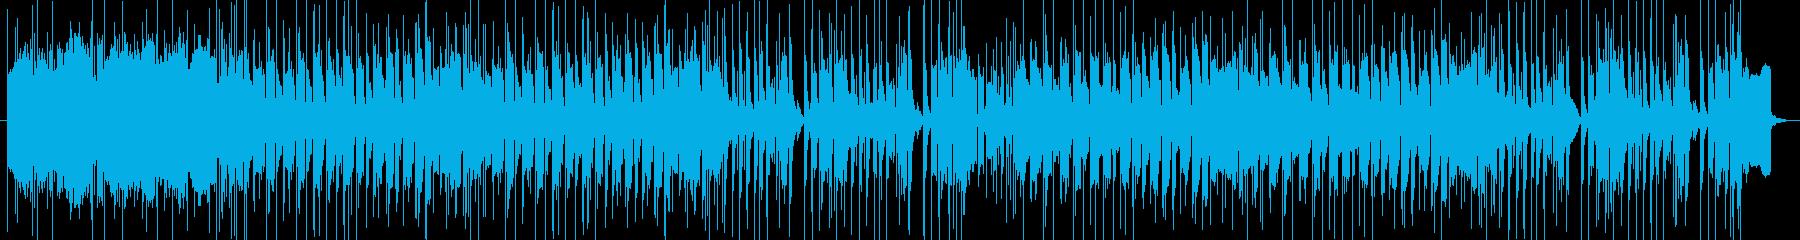 おしゃれでポップなクリスマスBGMの再生済みの波形